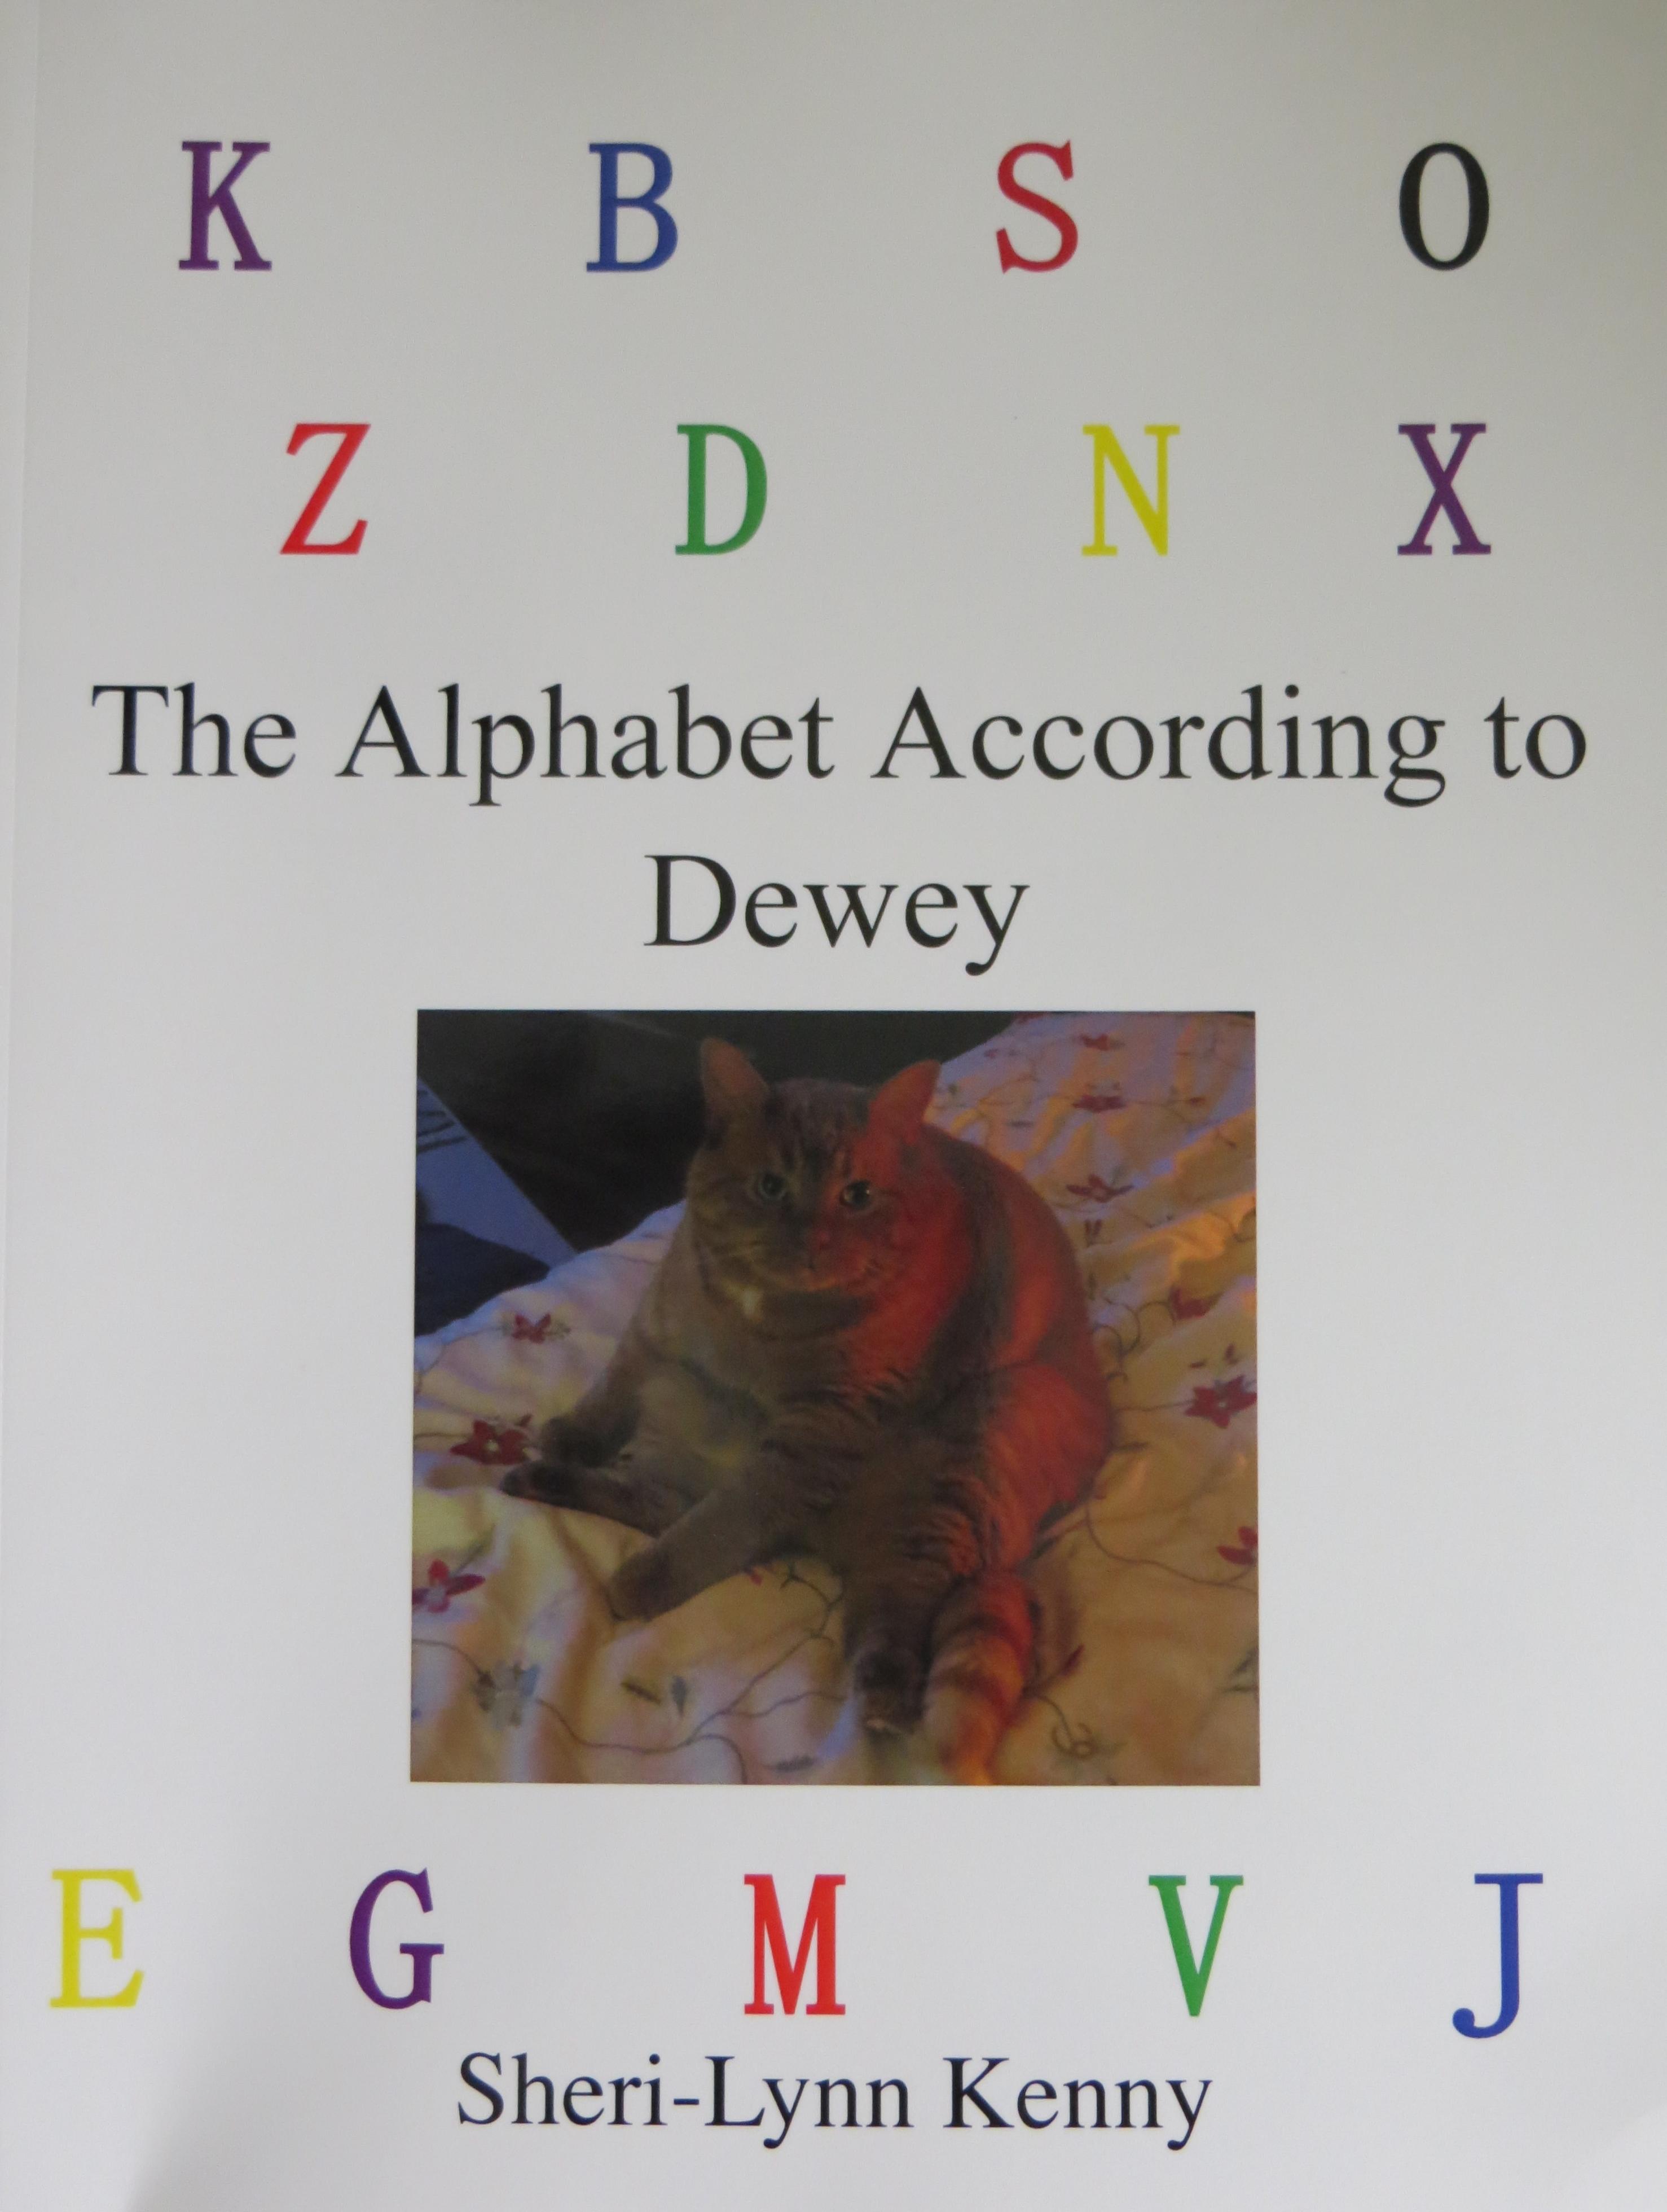 The Alphabet According to Dewey  by  Sheri-Lynn Kenny